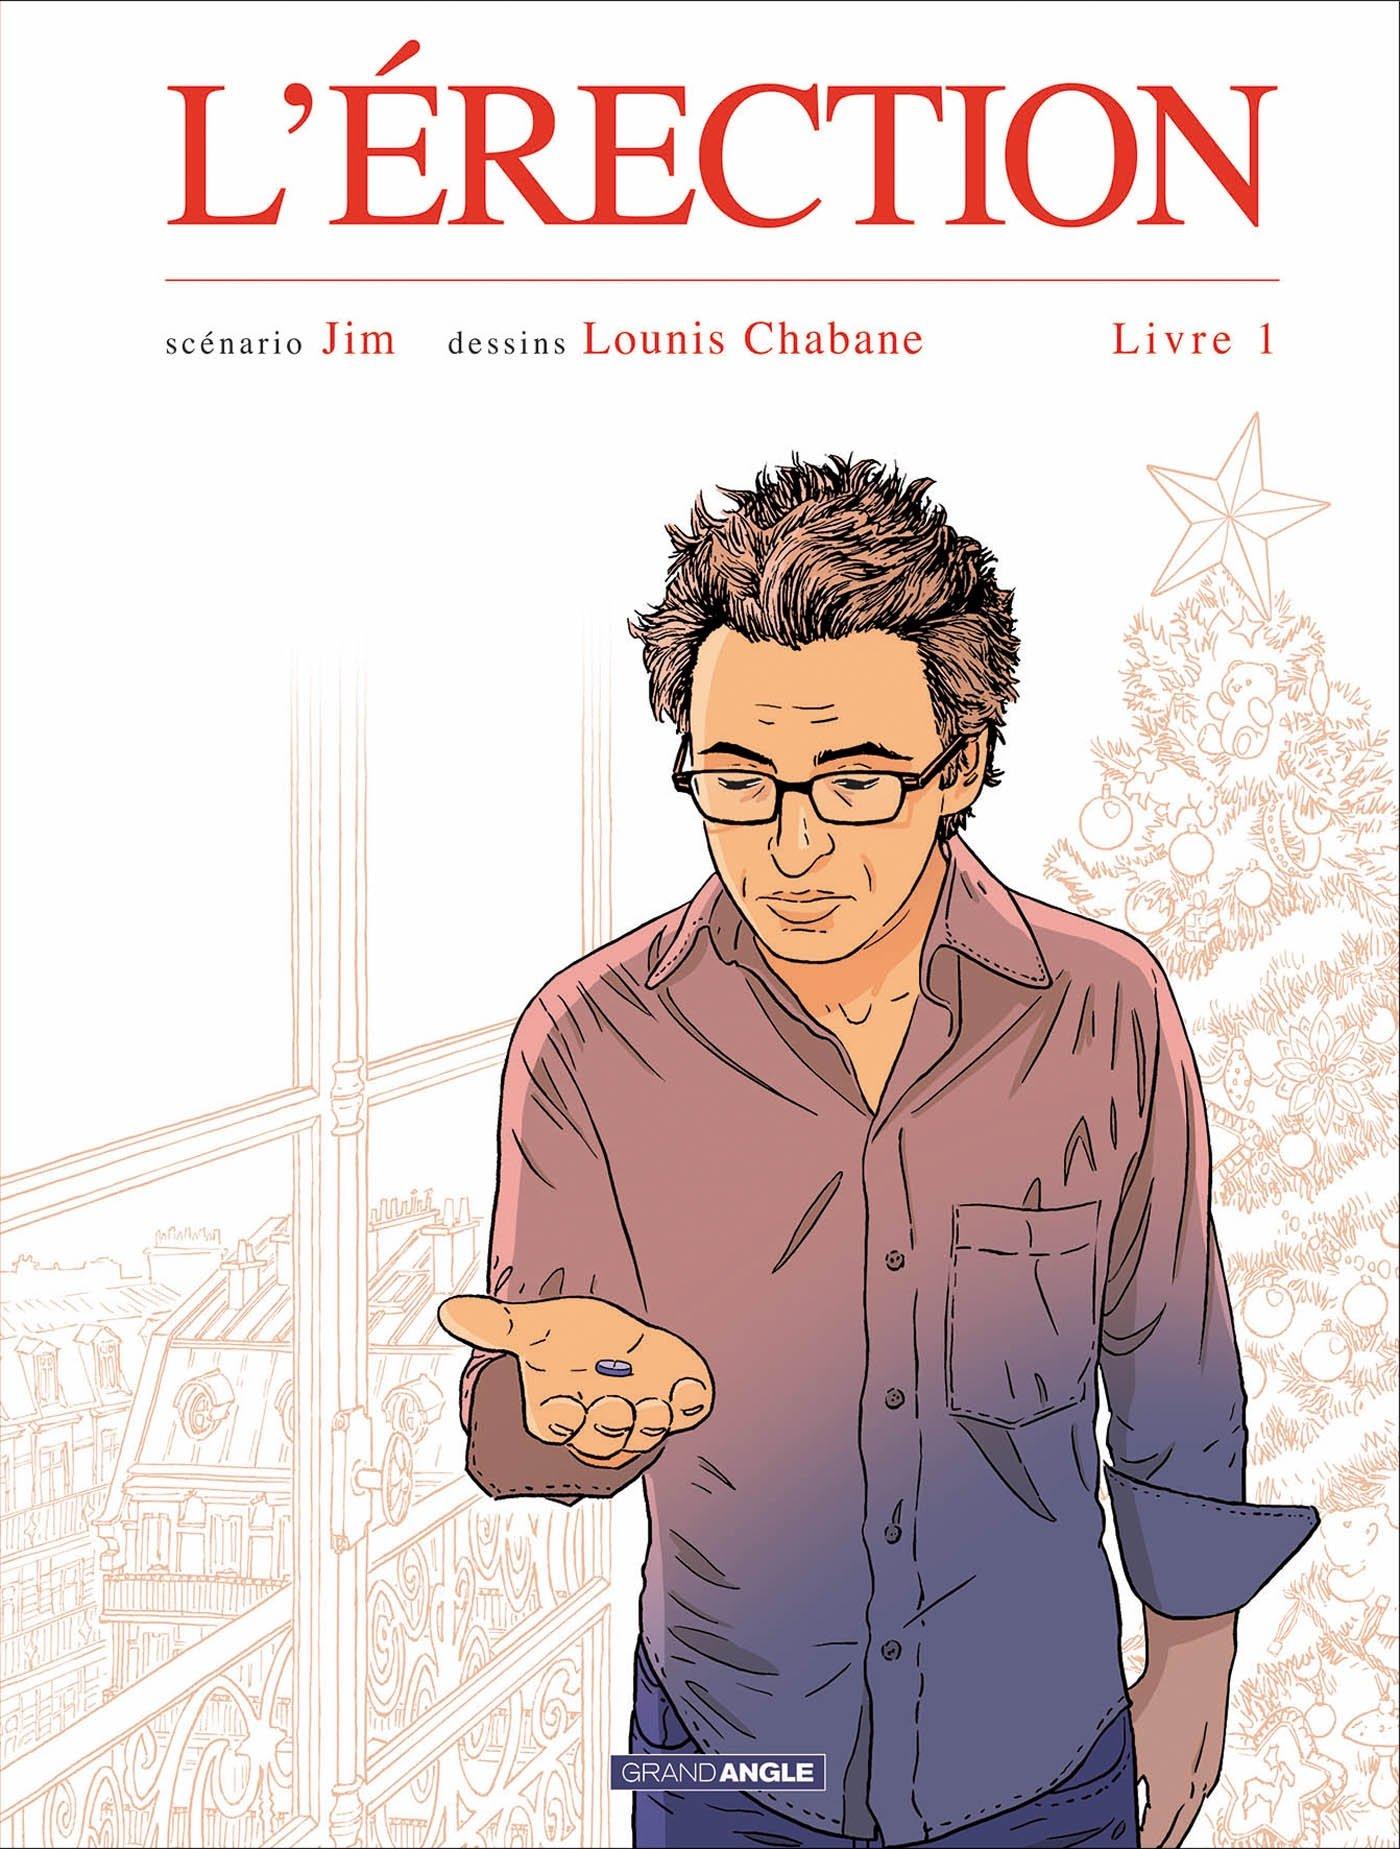 L'érection - Livre 1 - Jim - Chabane - Couverture